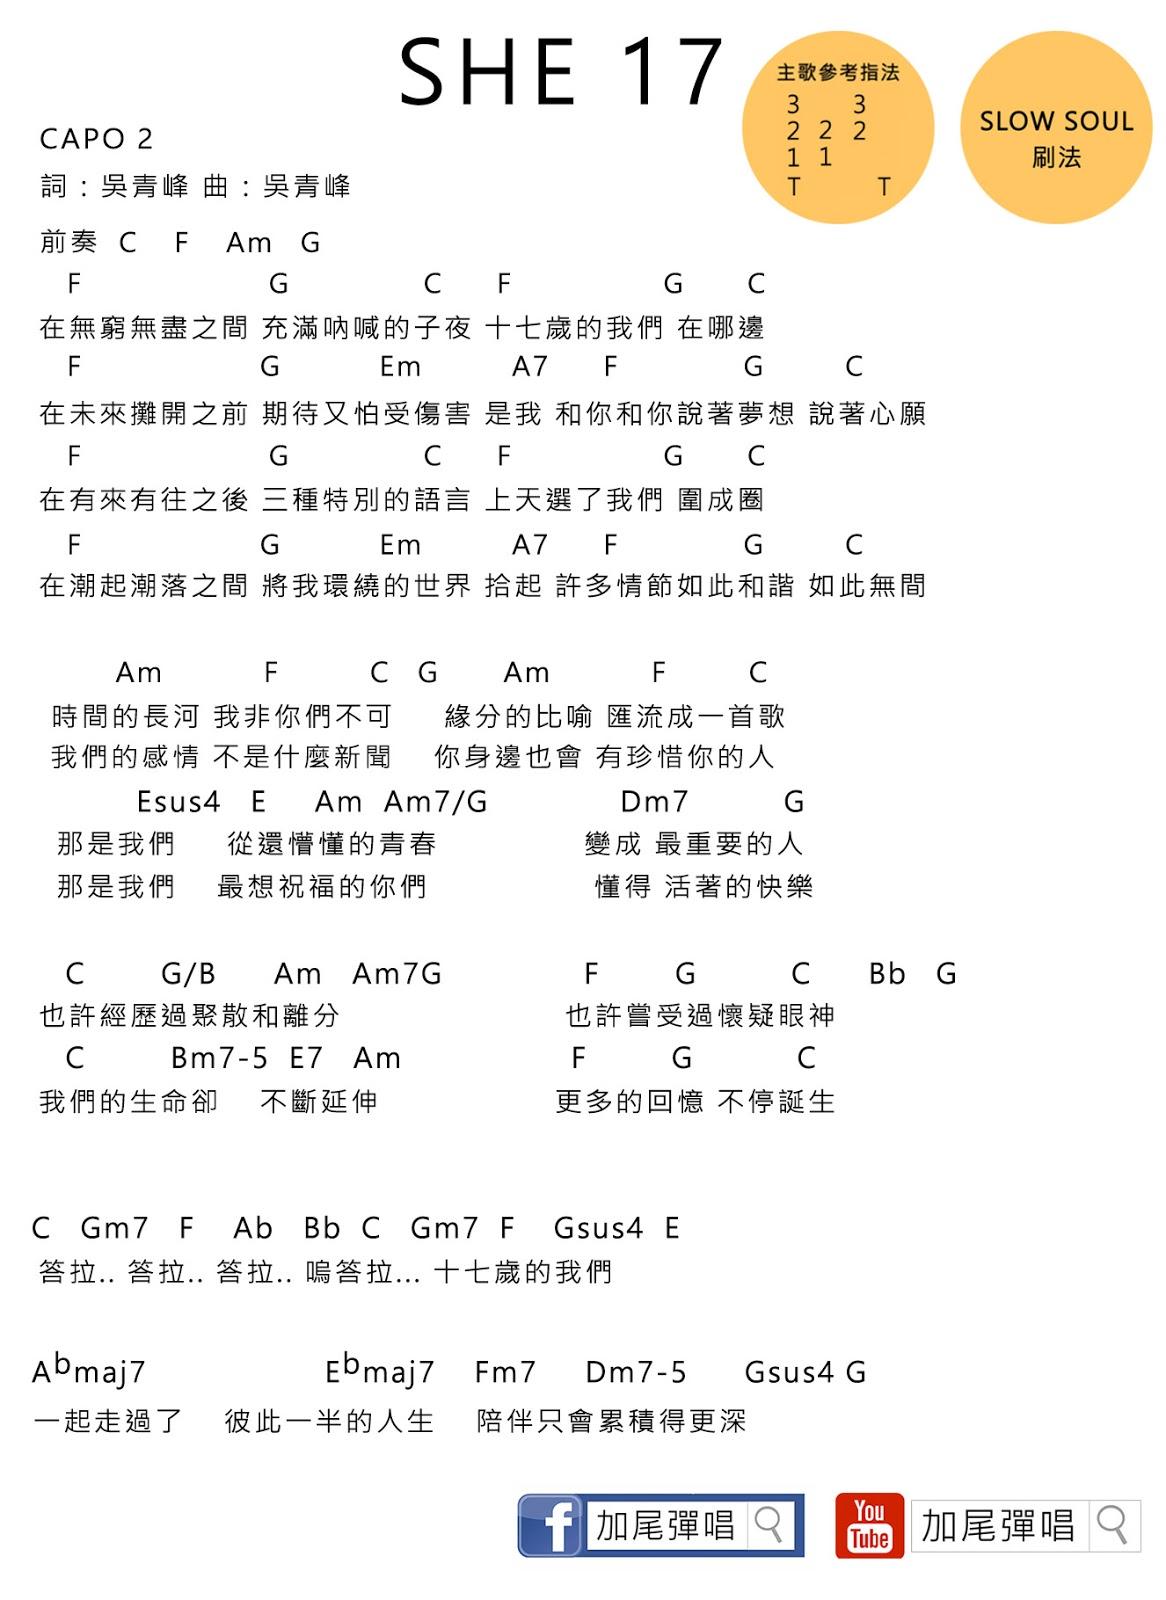 加尾音樂彈唱教室: s.h.e 17(十七) 吉他譜教學 含琴譜 by 加尾彈唱